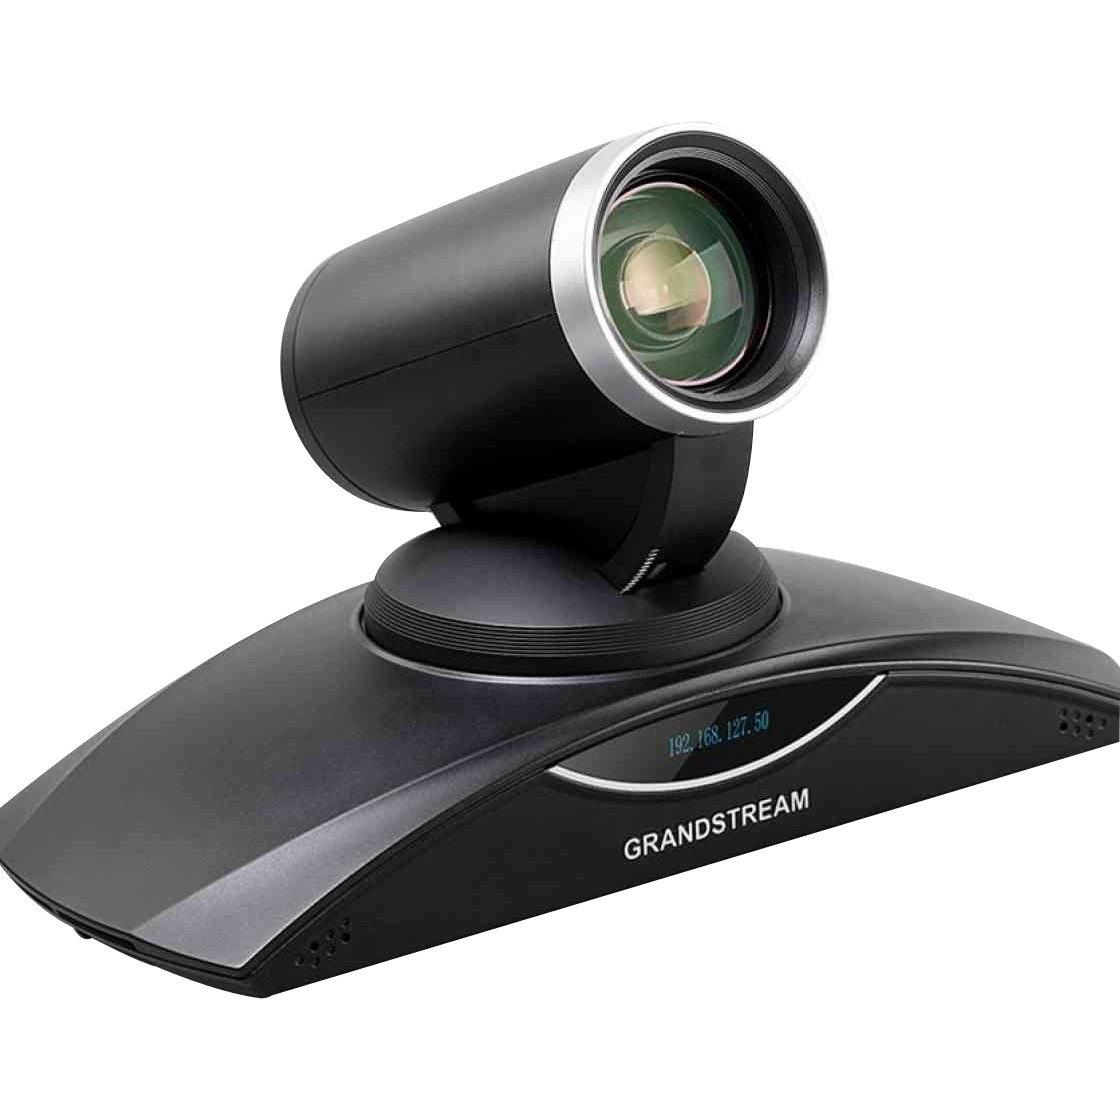 Grandstream GVC3202 Video Conferencing Camera - 2 Megapixel - 60 fps - USB 2.0